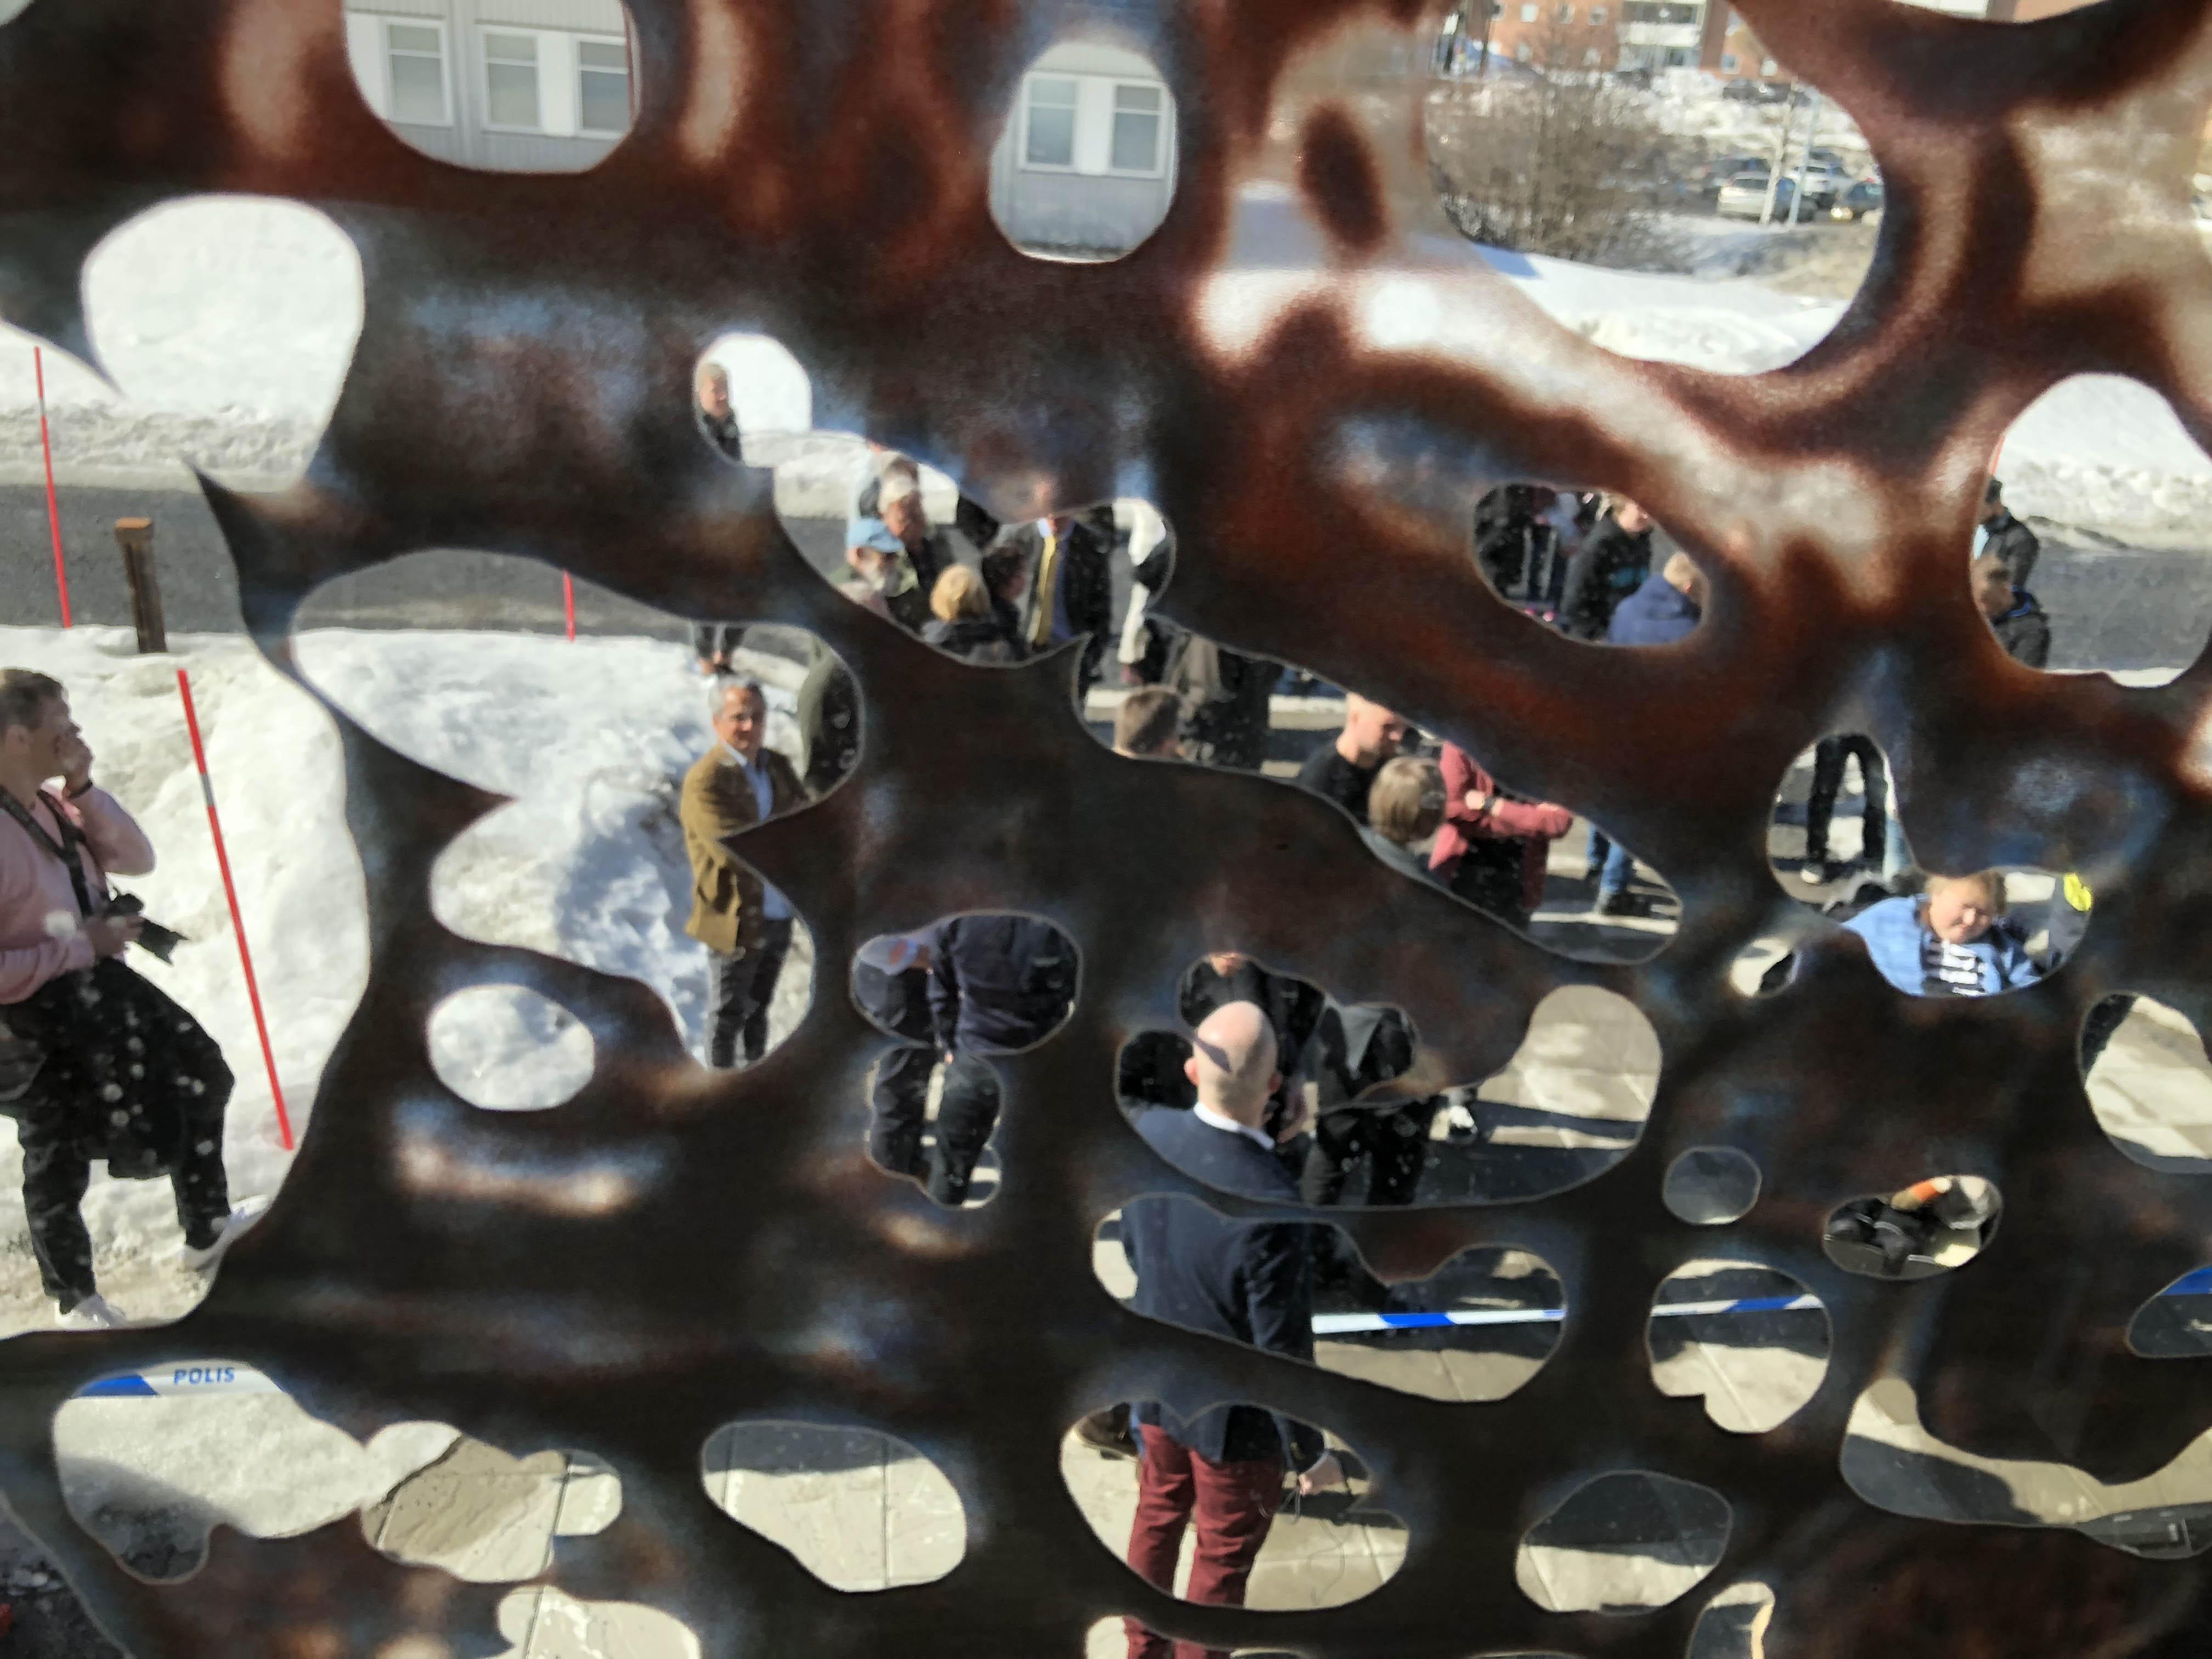 An image taken through the artworking looking at people below.